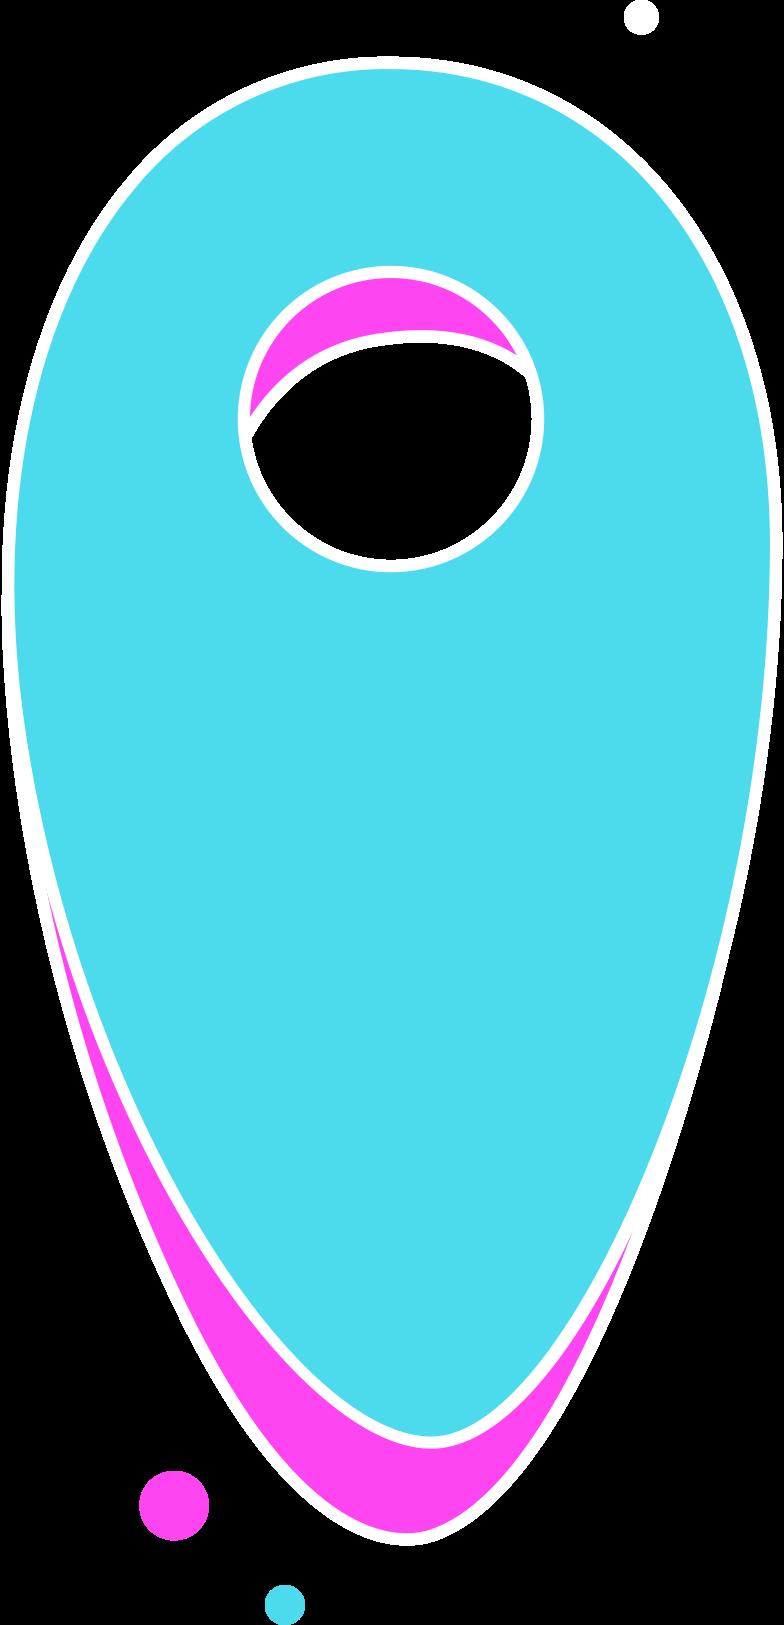 rg blue navigation Clipart illustration in PNG, SVG